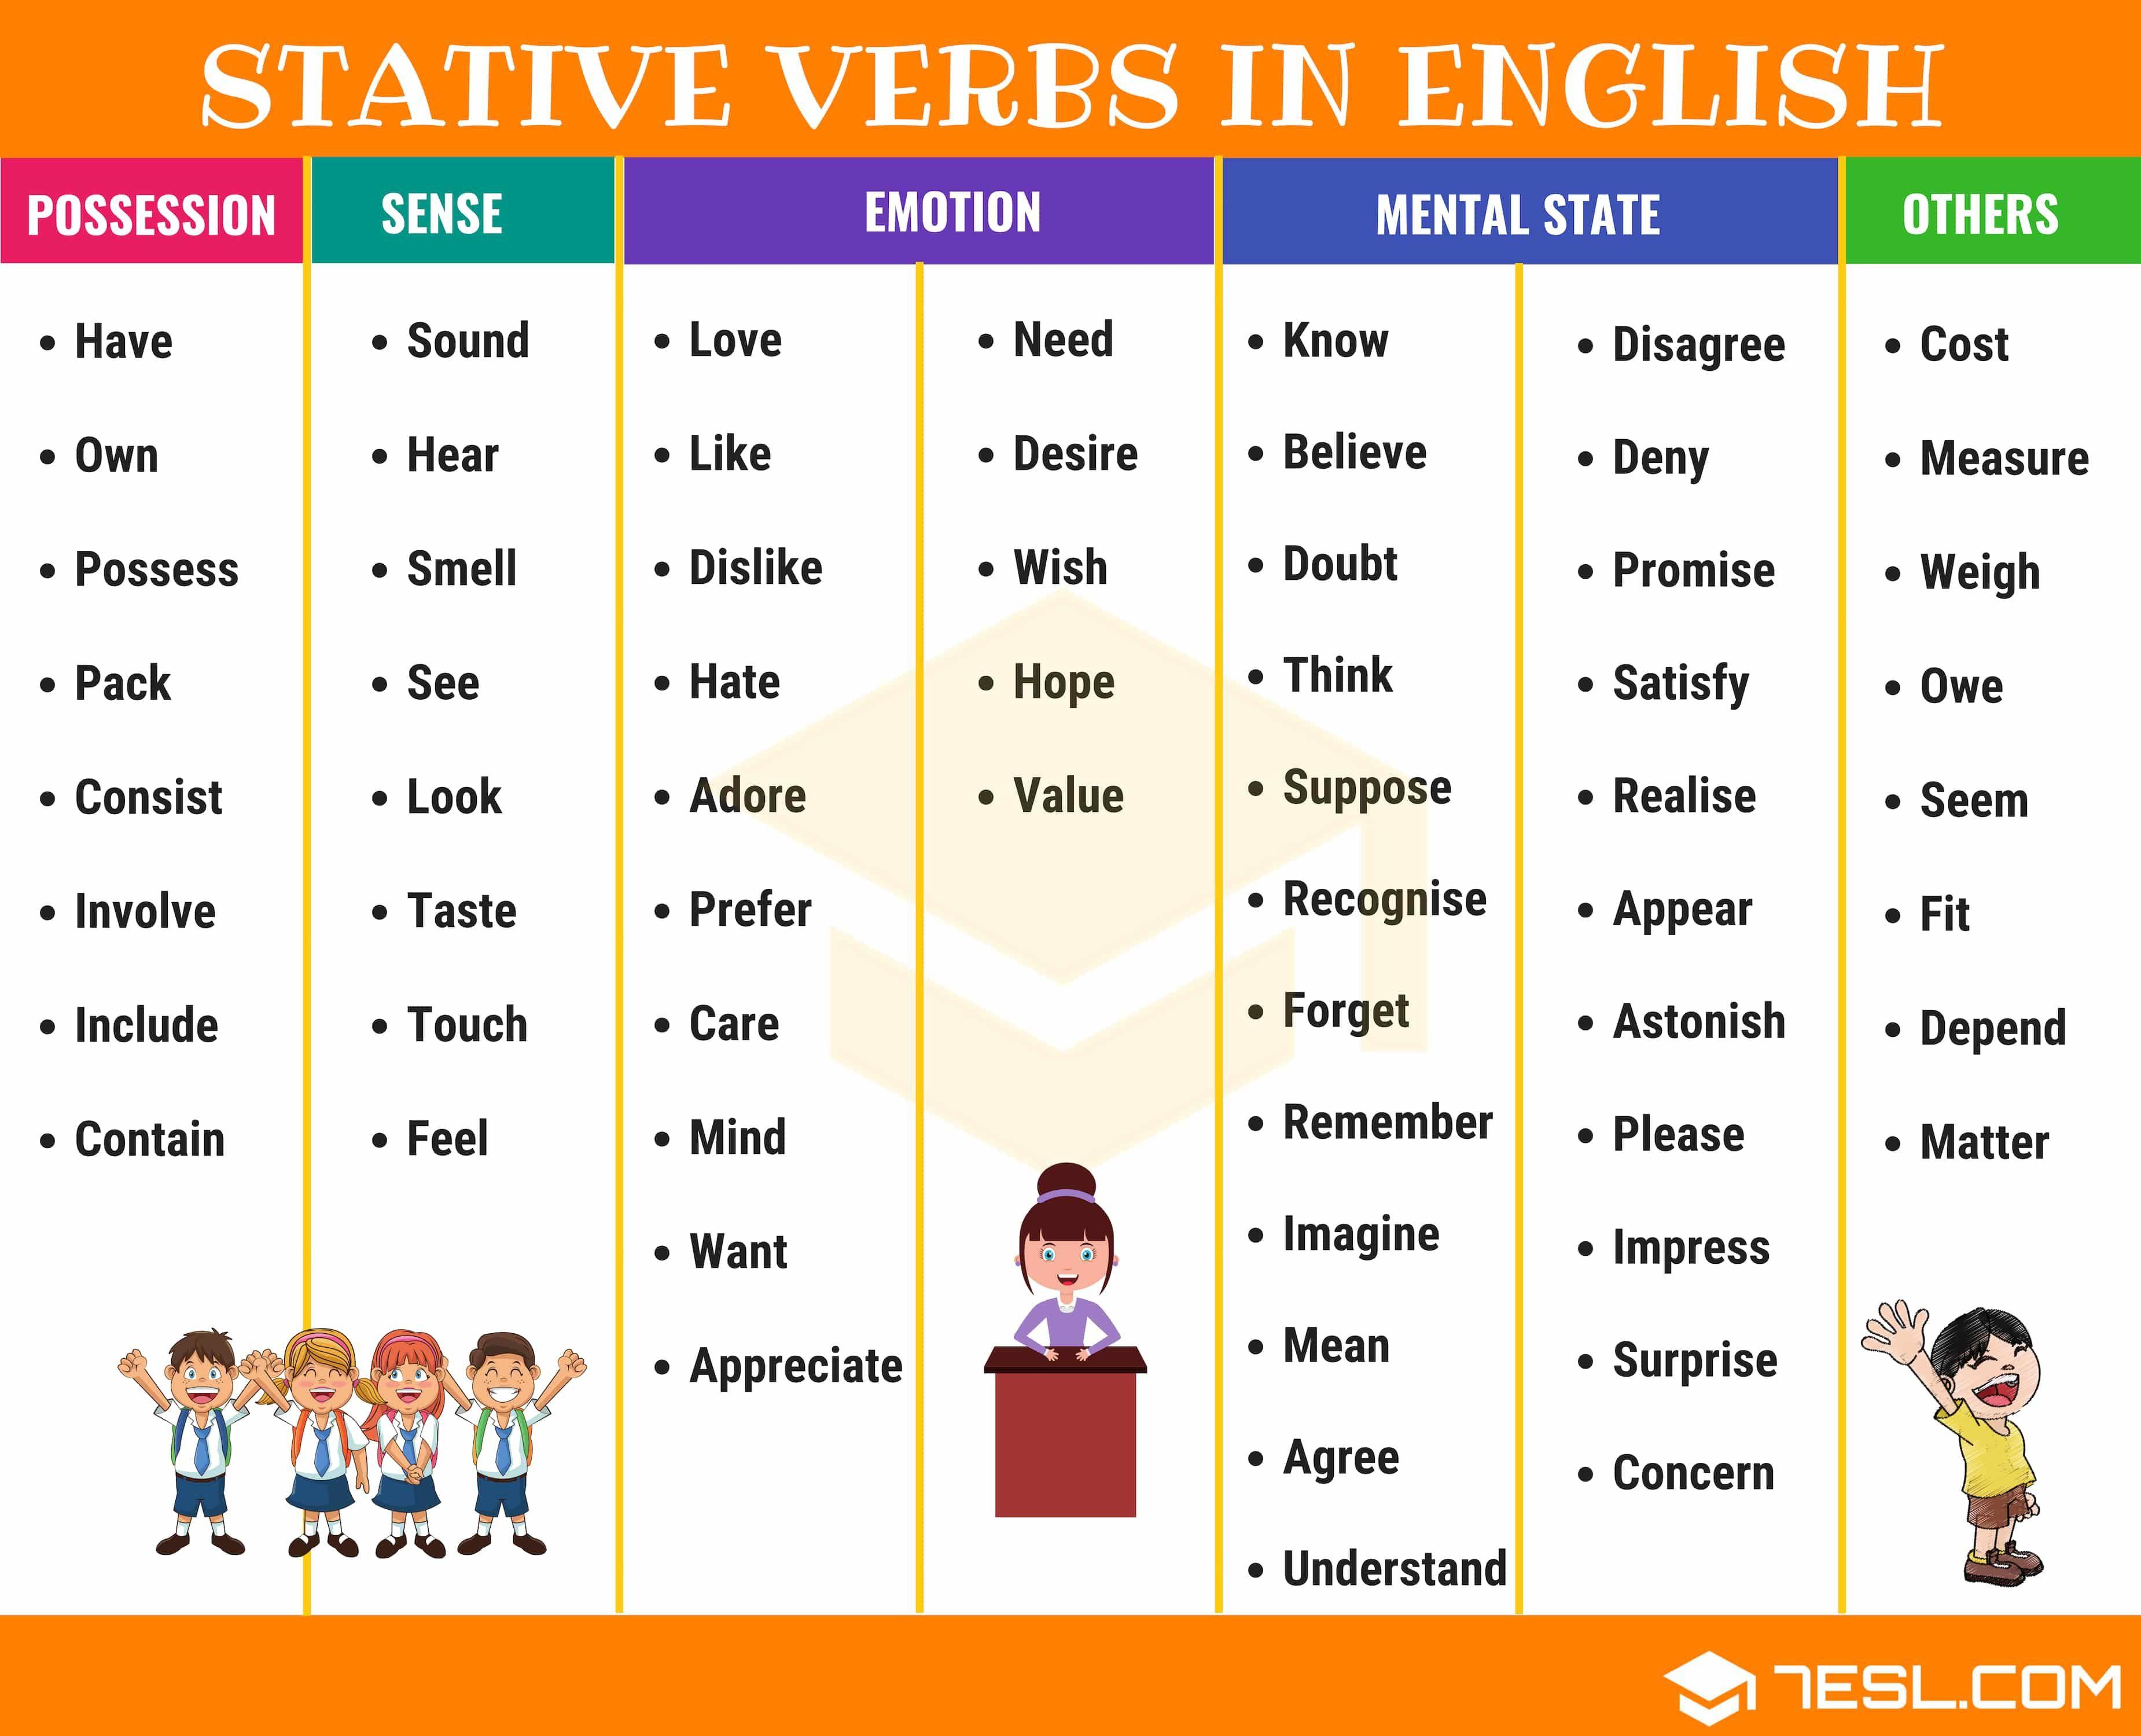 Stative Verbs What Is A Stative Verb Useful List Examples 7 E S L English Verbs List English Verbs Verbs List [ 3000 x 3700 Pixel ]